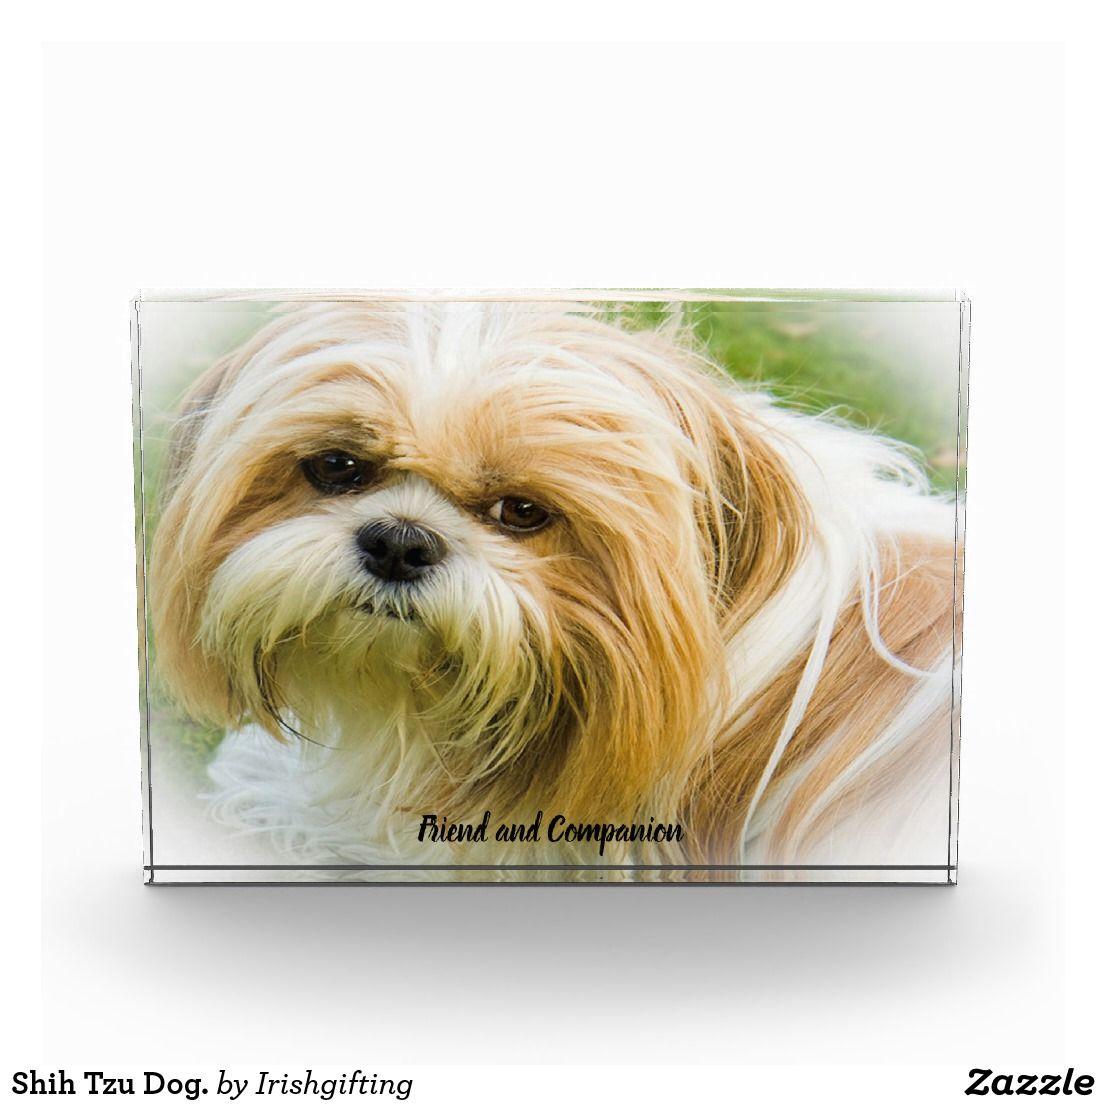 Shih Tzu Dog Photo Block Zazzle Co Uk Shih Tzu Dog Dog